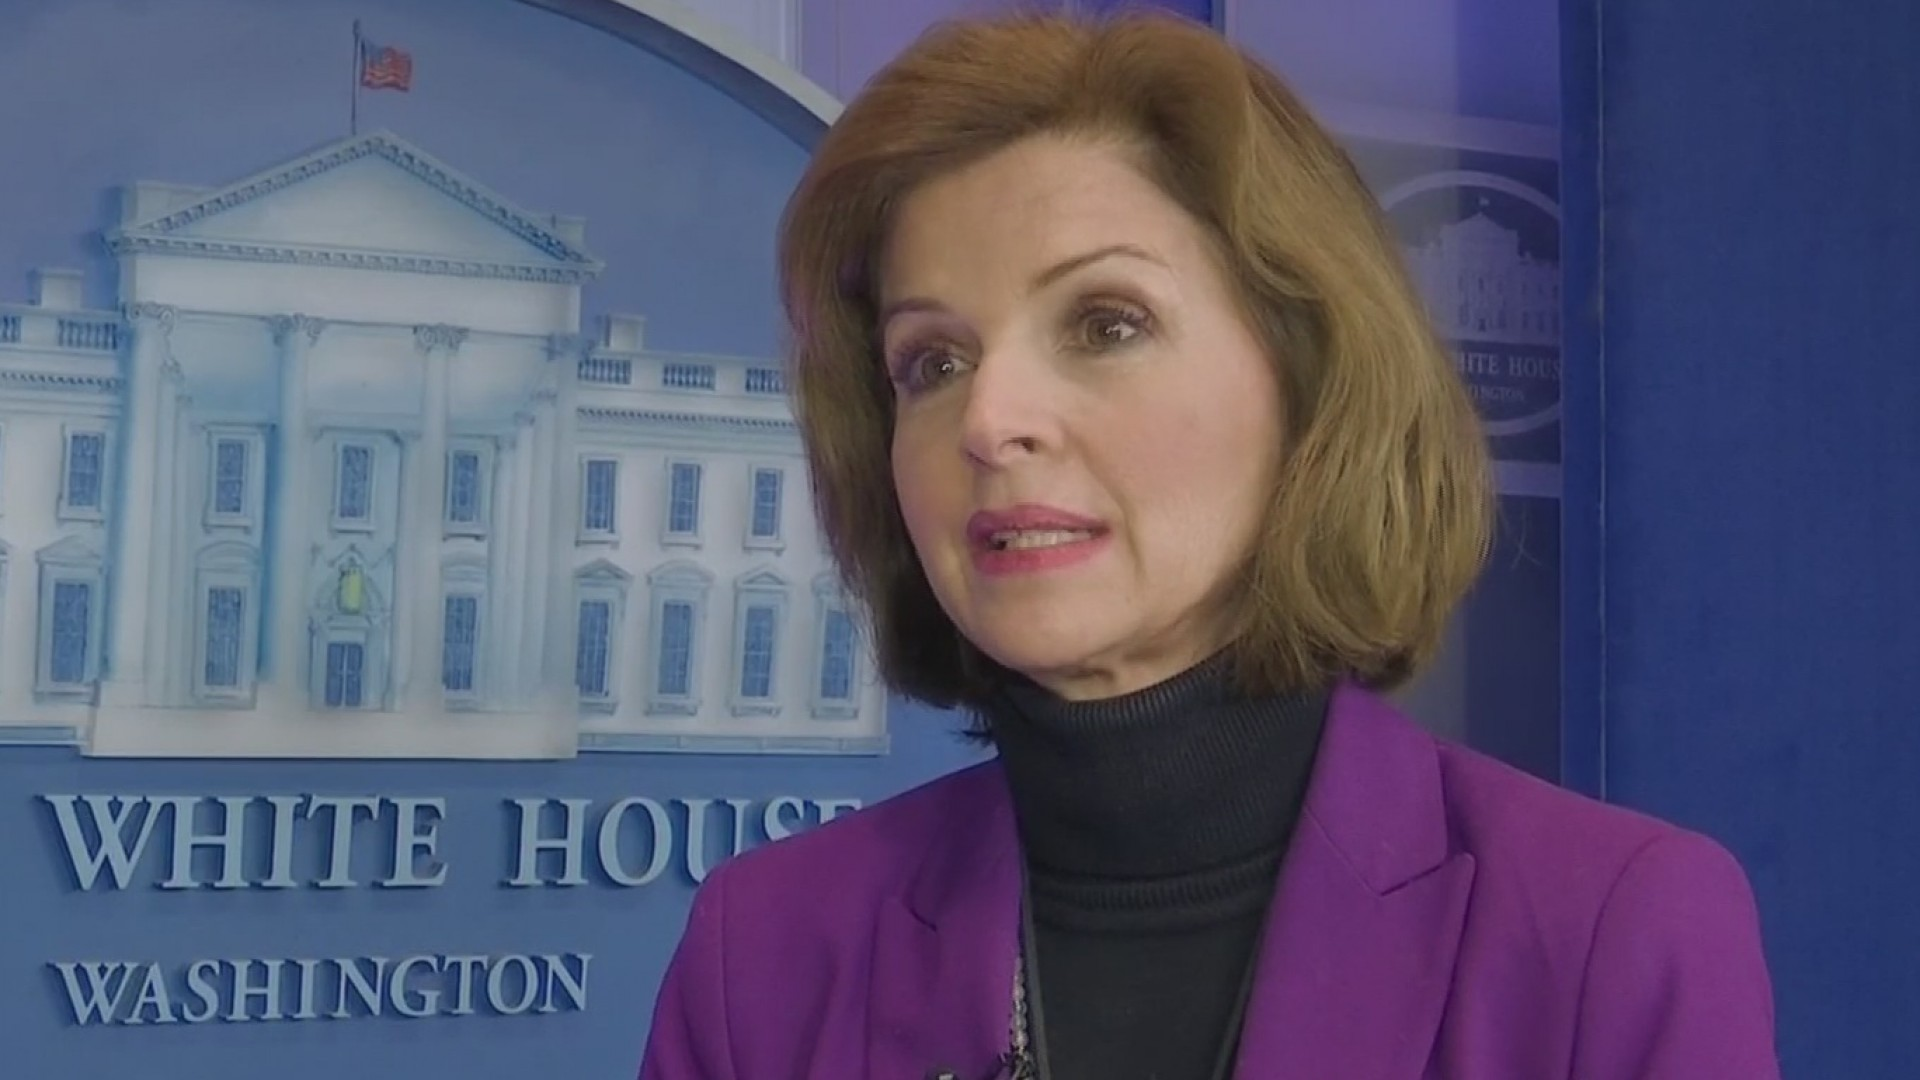 Remueven a directora de prensa para medios hispanos de la Casa Blanca